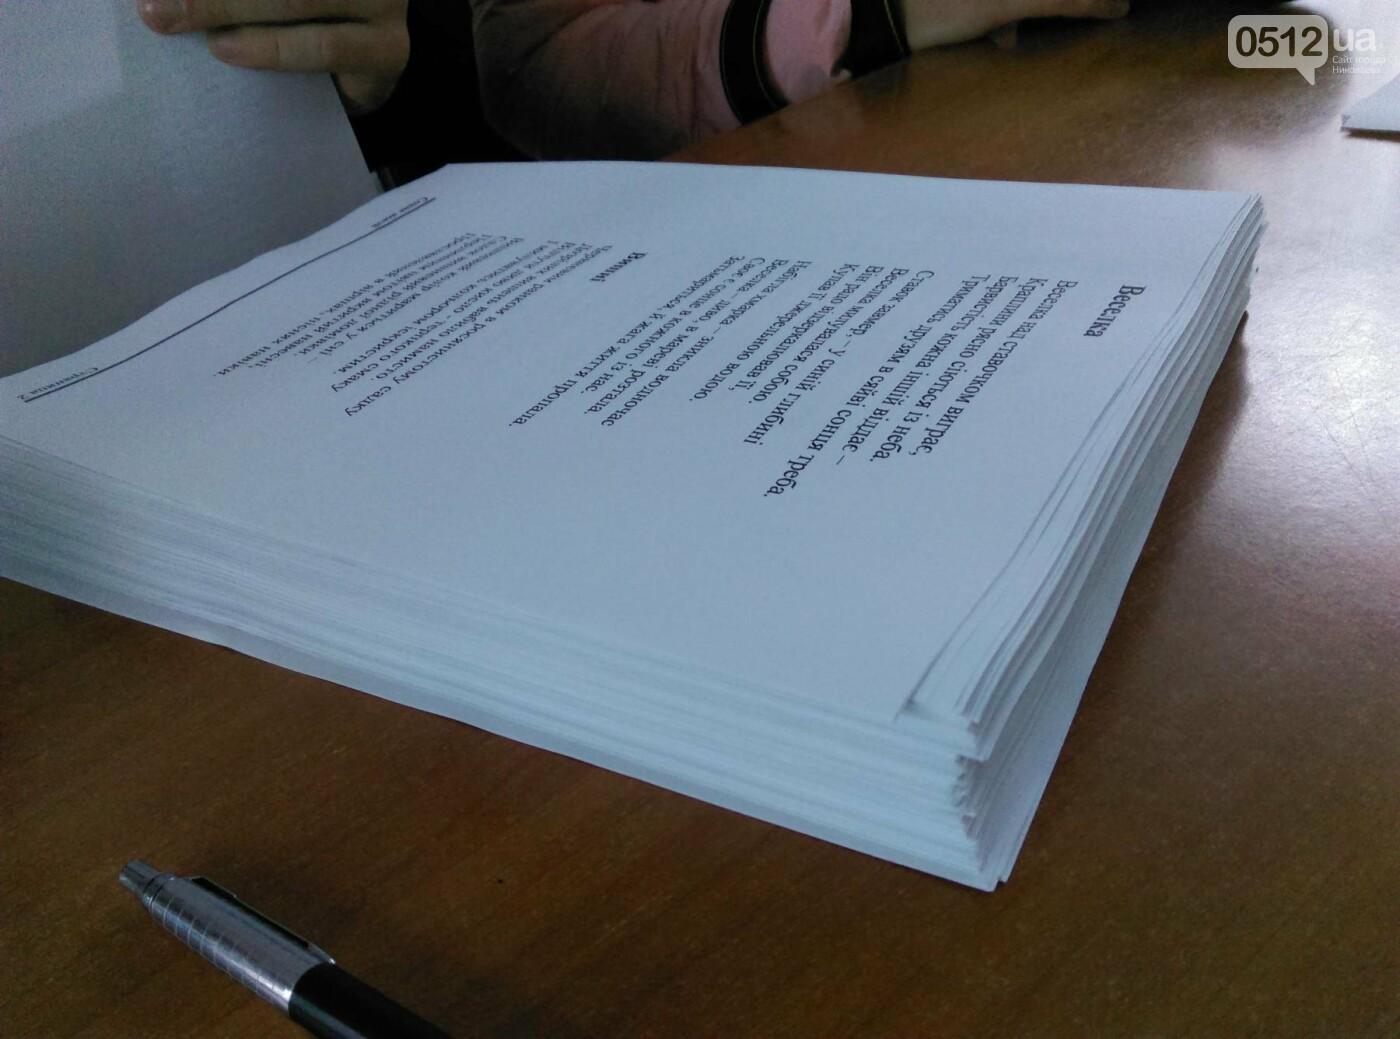 Жители Николаевщины прислали на конкурс 300 страниц поэзии, в надежде выиграть iPhone Х от губернатора Савченко, фото-1